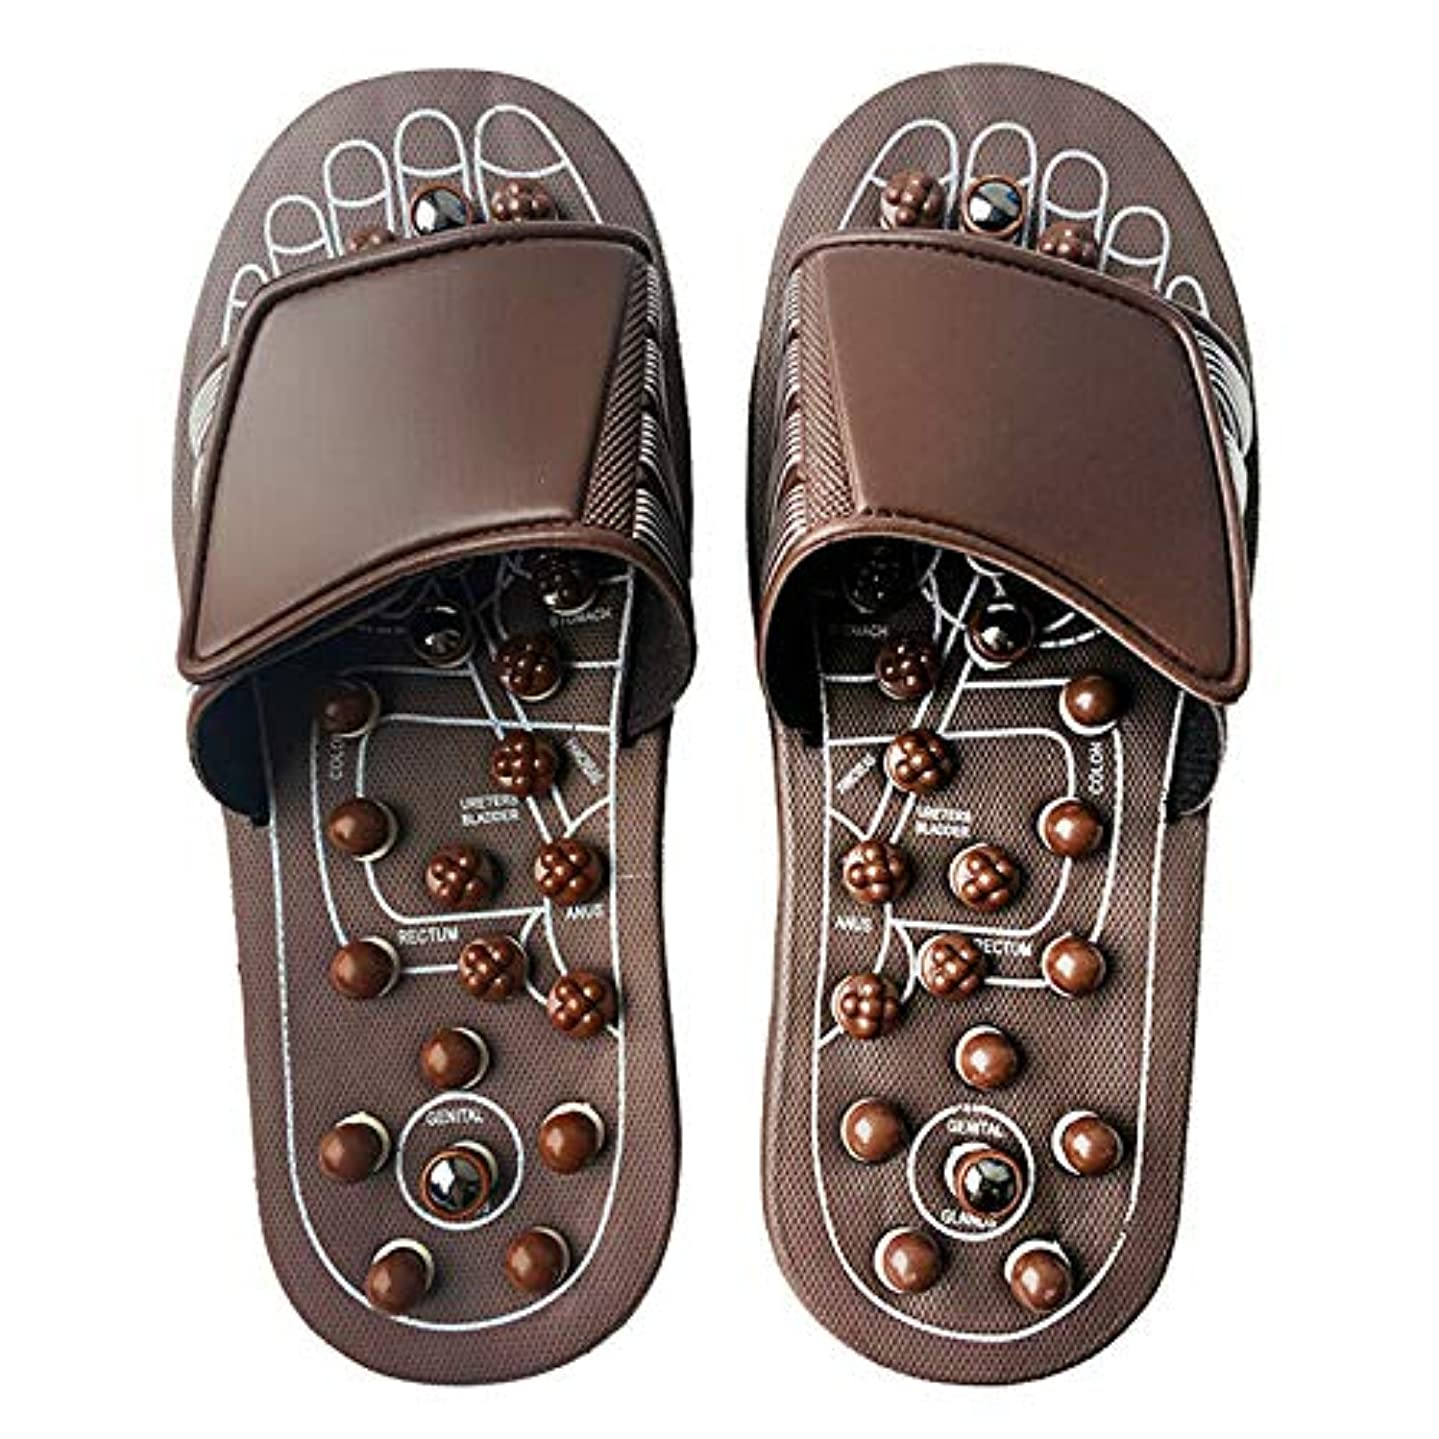 火炎パネル協力的Euphoric Feet 男性と女性のためのマッサージスリッパ足リフレクソロジー指圧サンダルの靴の救済痛み (M)